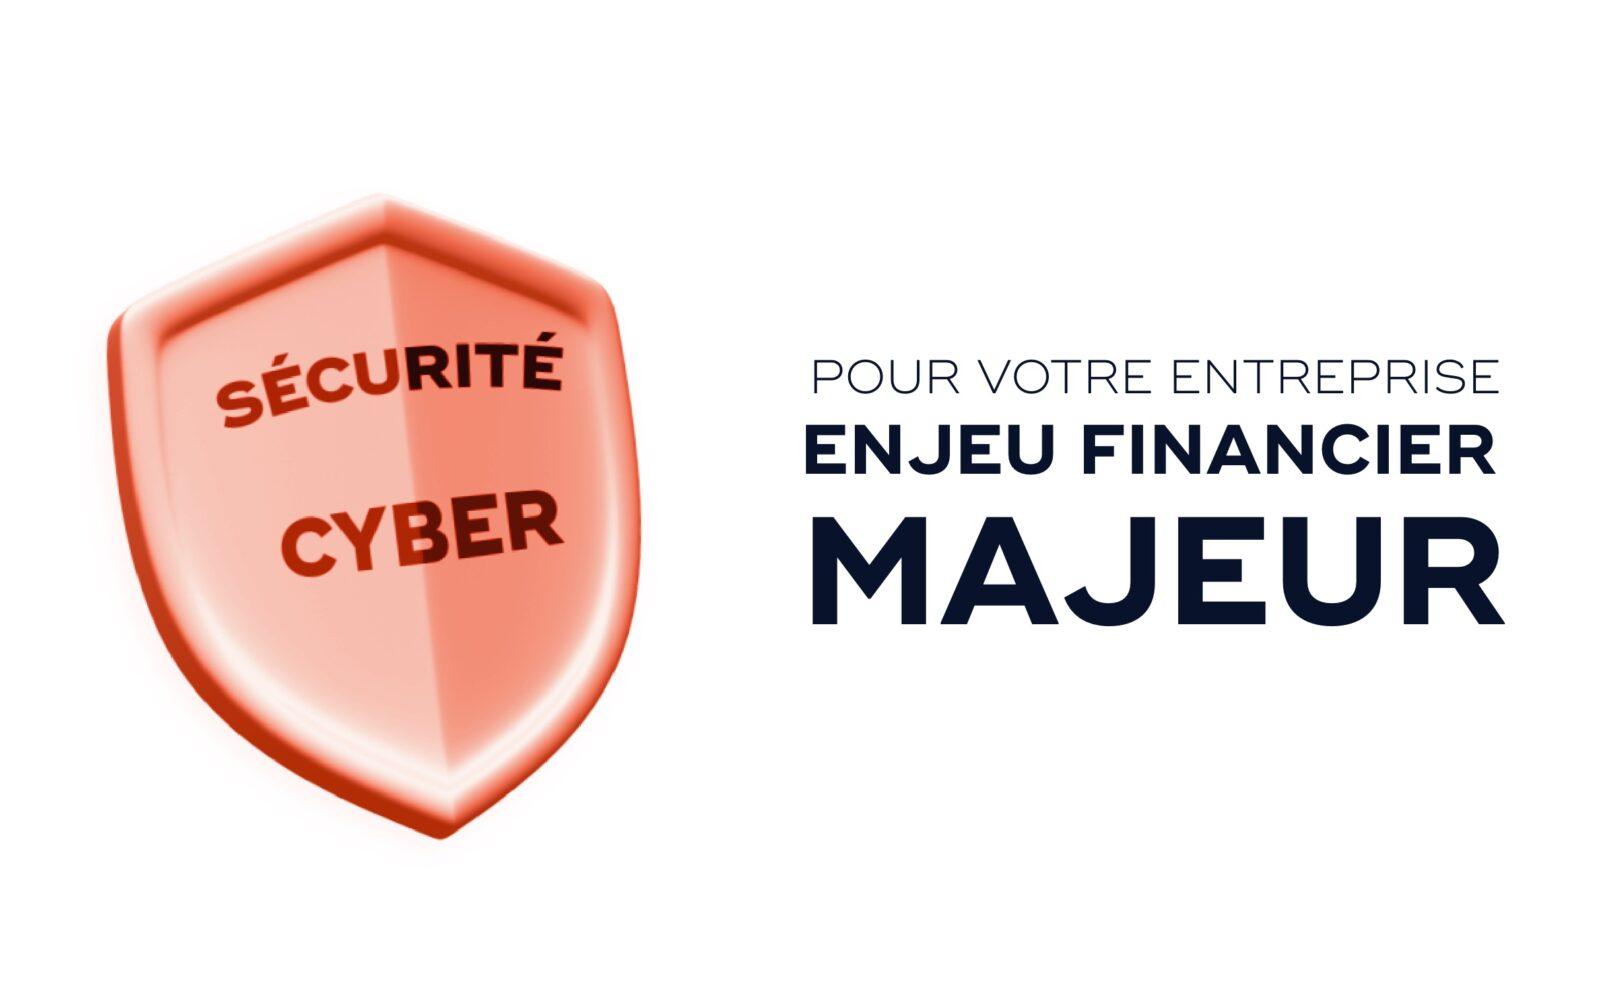 Cyber sécurité - enjeu financier Majeur Pour votre entreprise